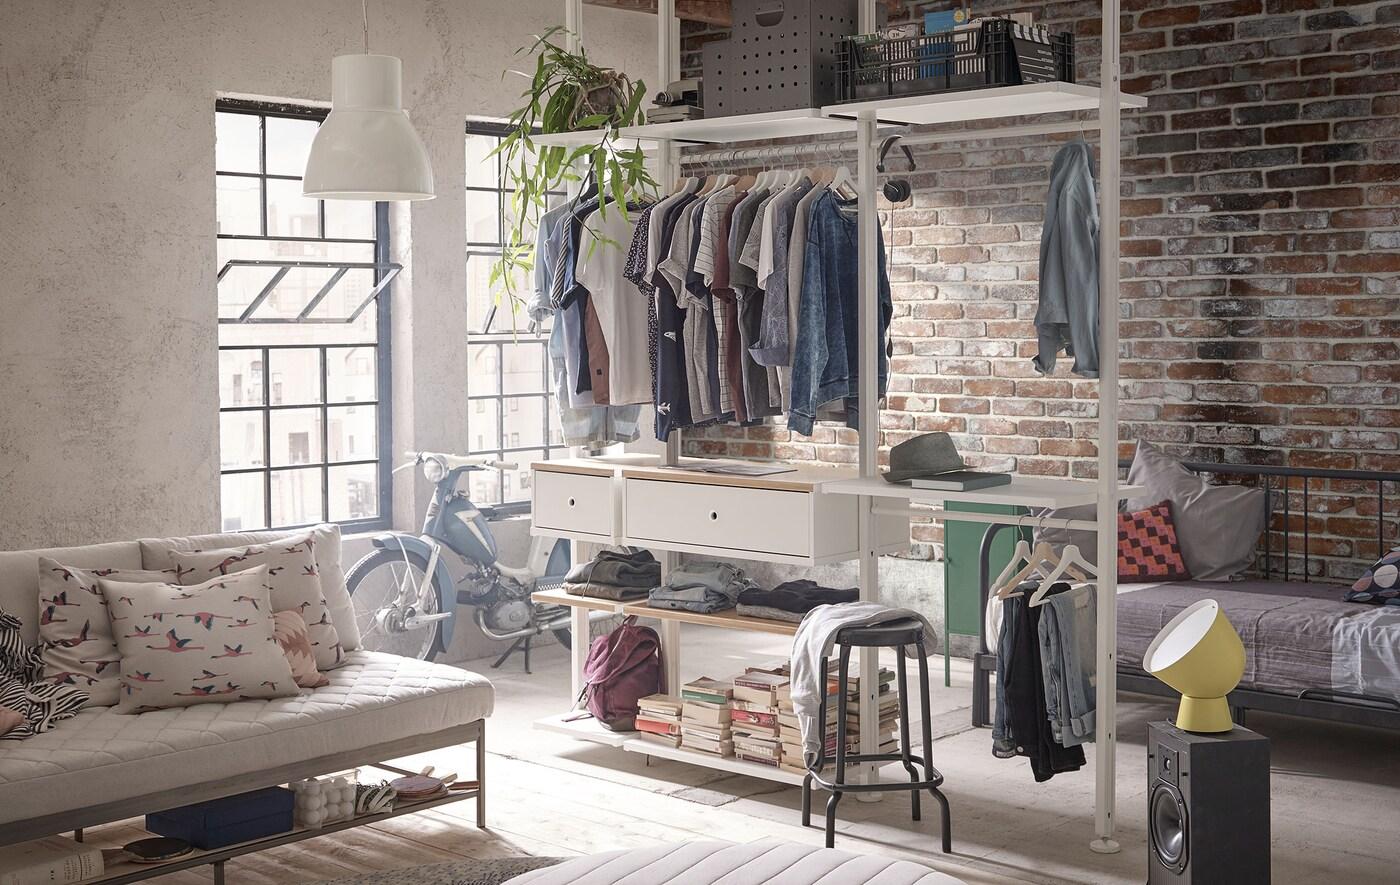 Lien vers le blogue d'IDÉES 'Faites de votre nouvelle maison un foyer' - image d'un rangement modulaire ELVARLI.